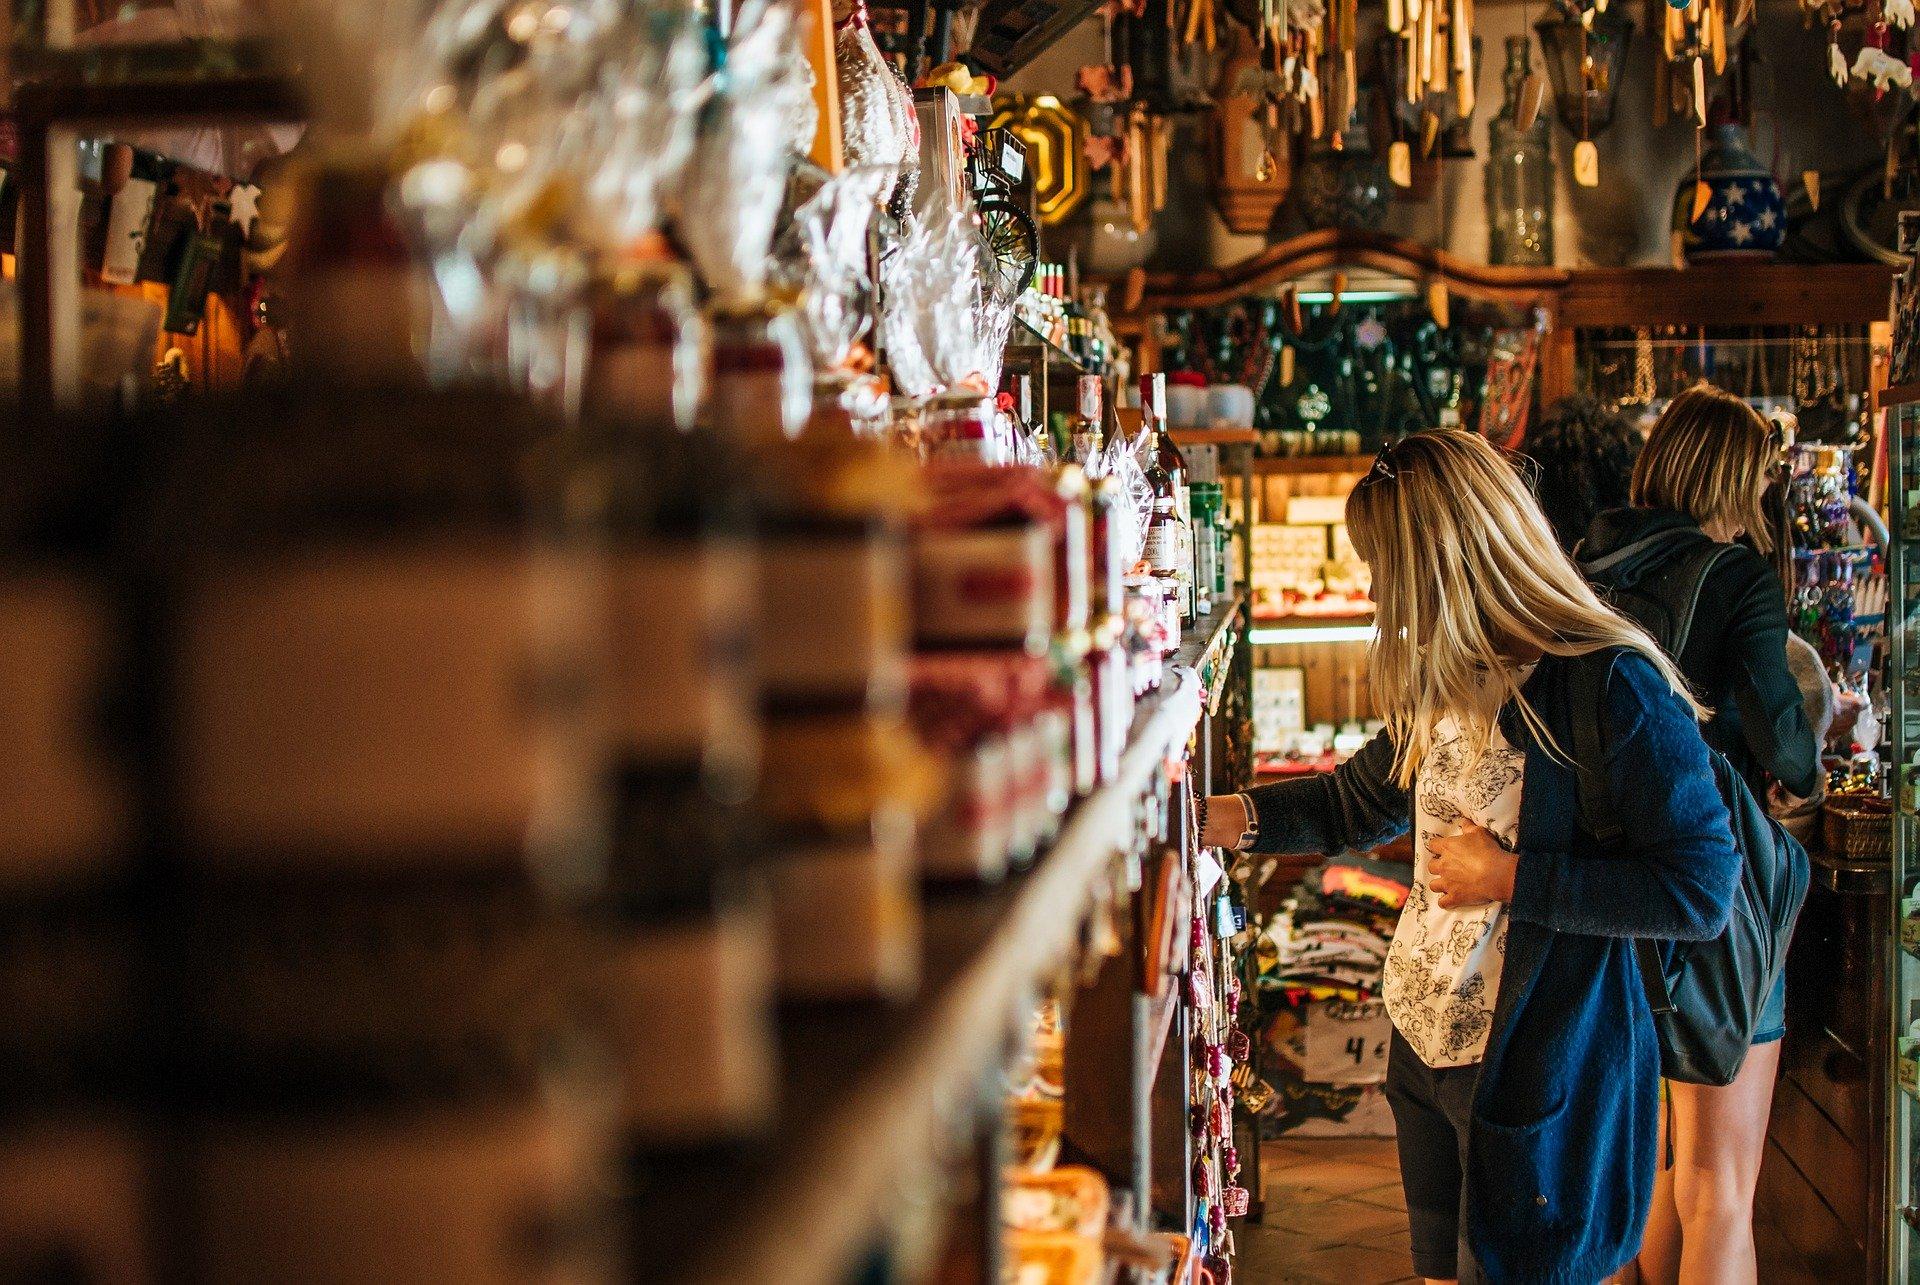 Vemos uma mulher em uma loja de temperos (imagem ilustrativa).